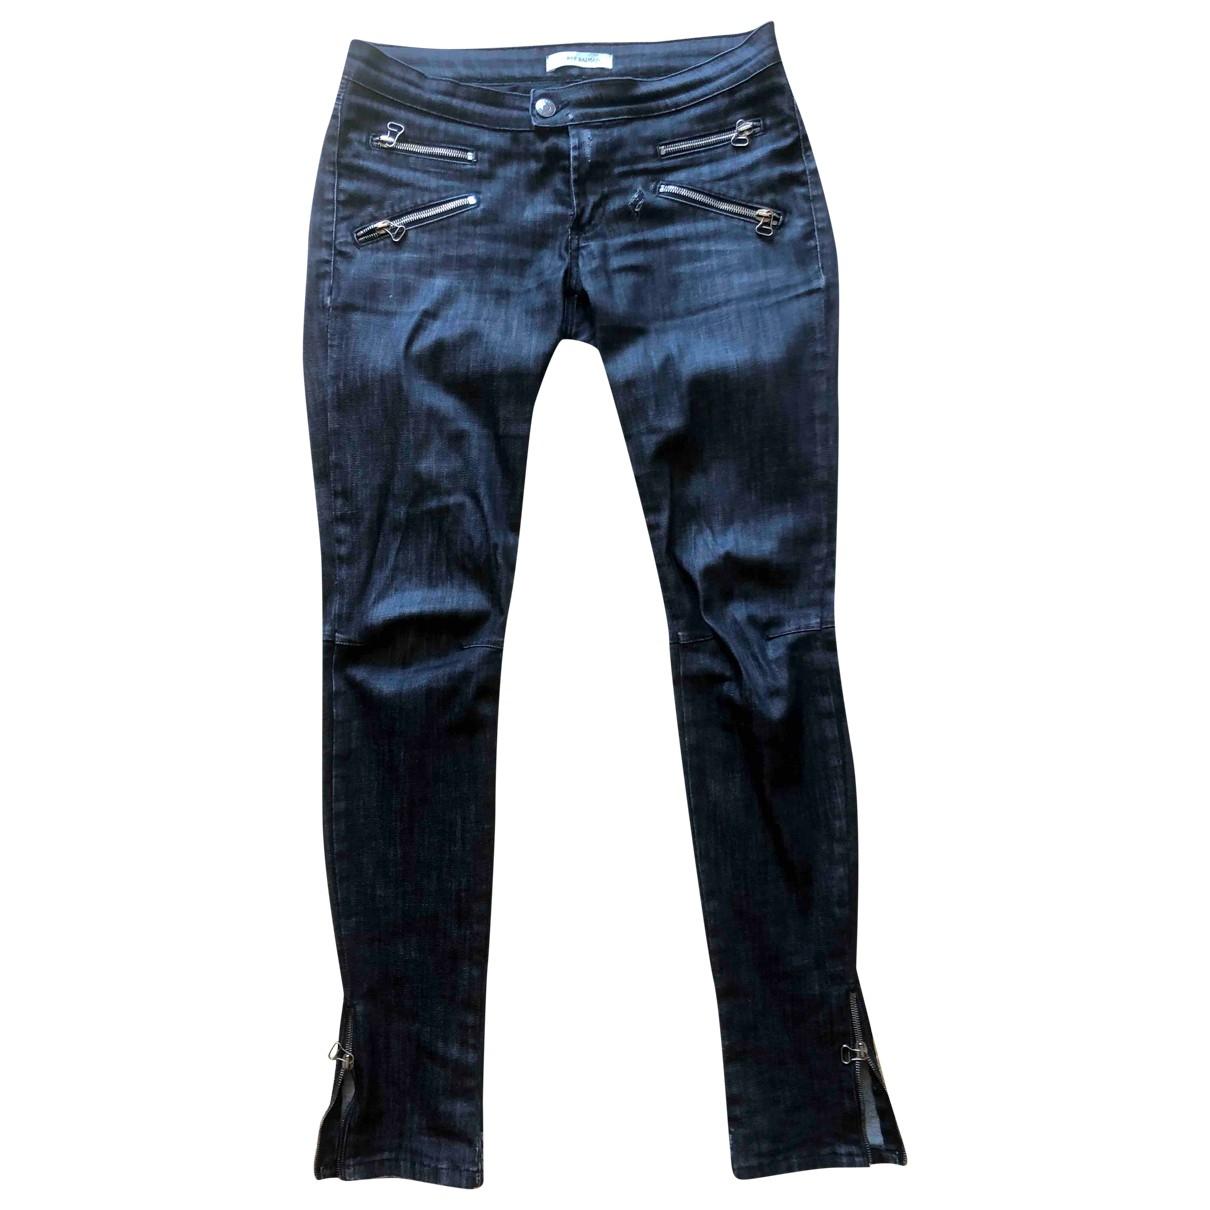 Pierre Balmain \N Black Denim - Jeans Trousers for Women 42 IT